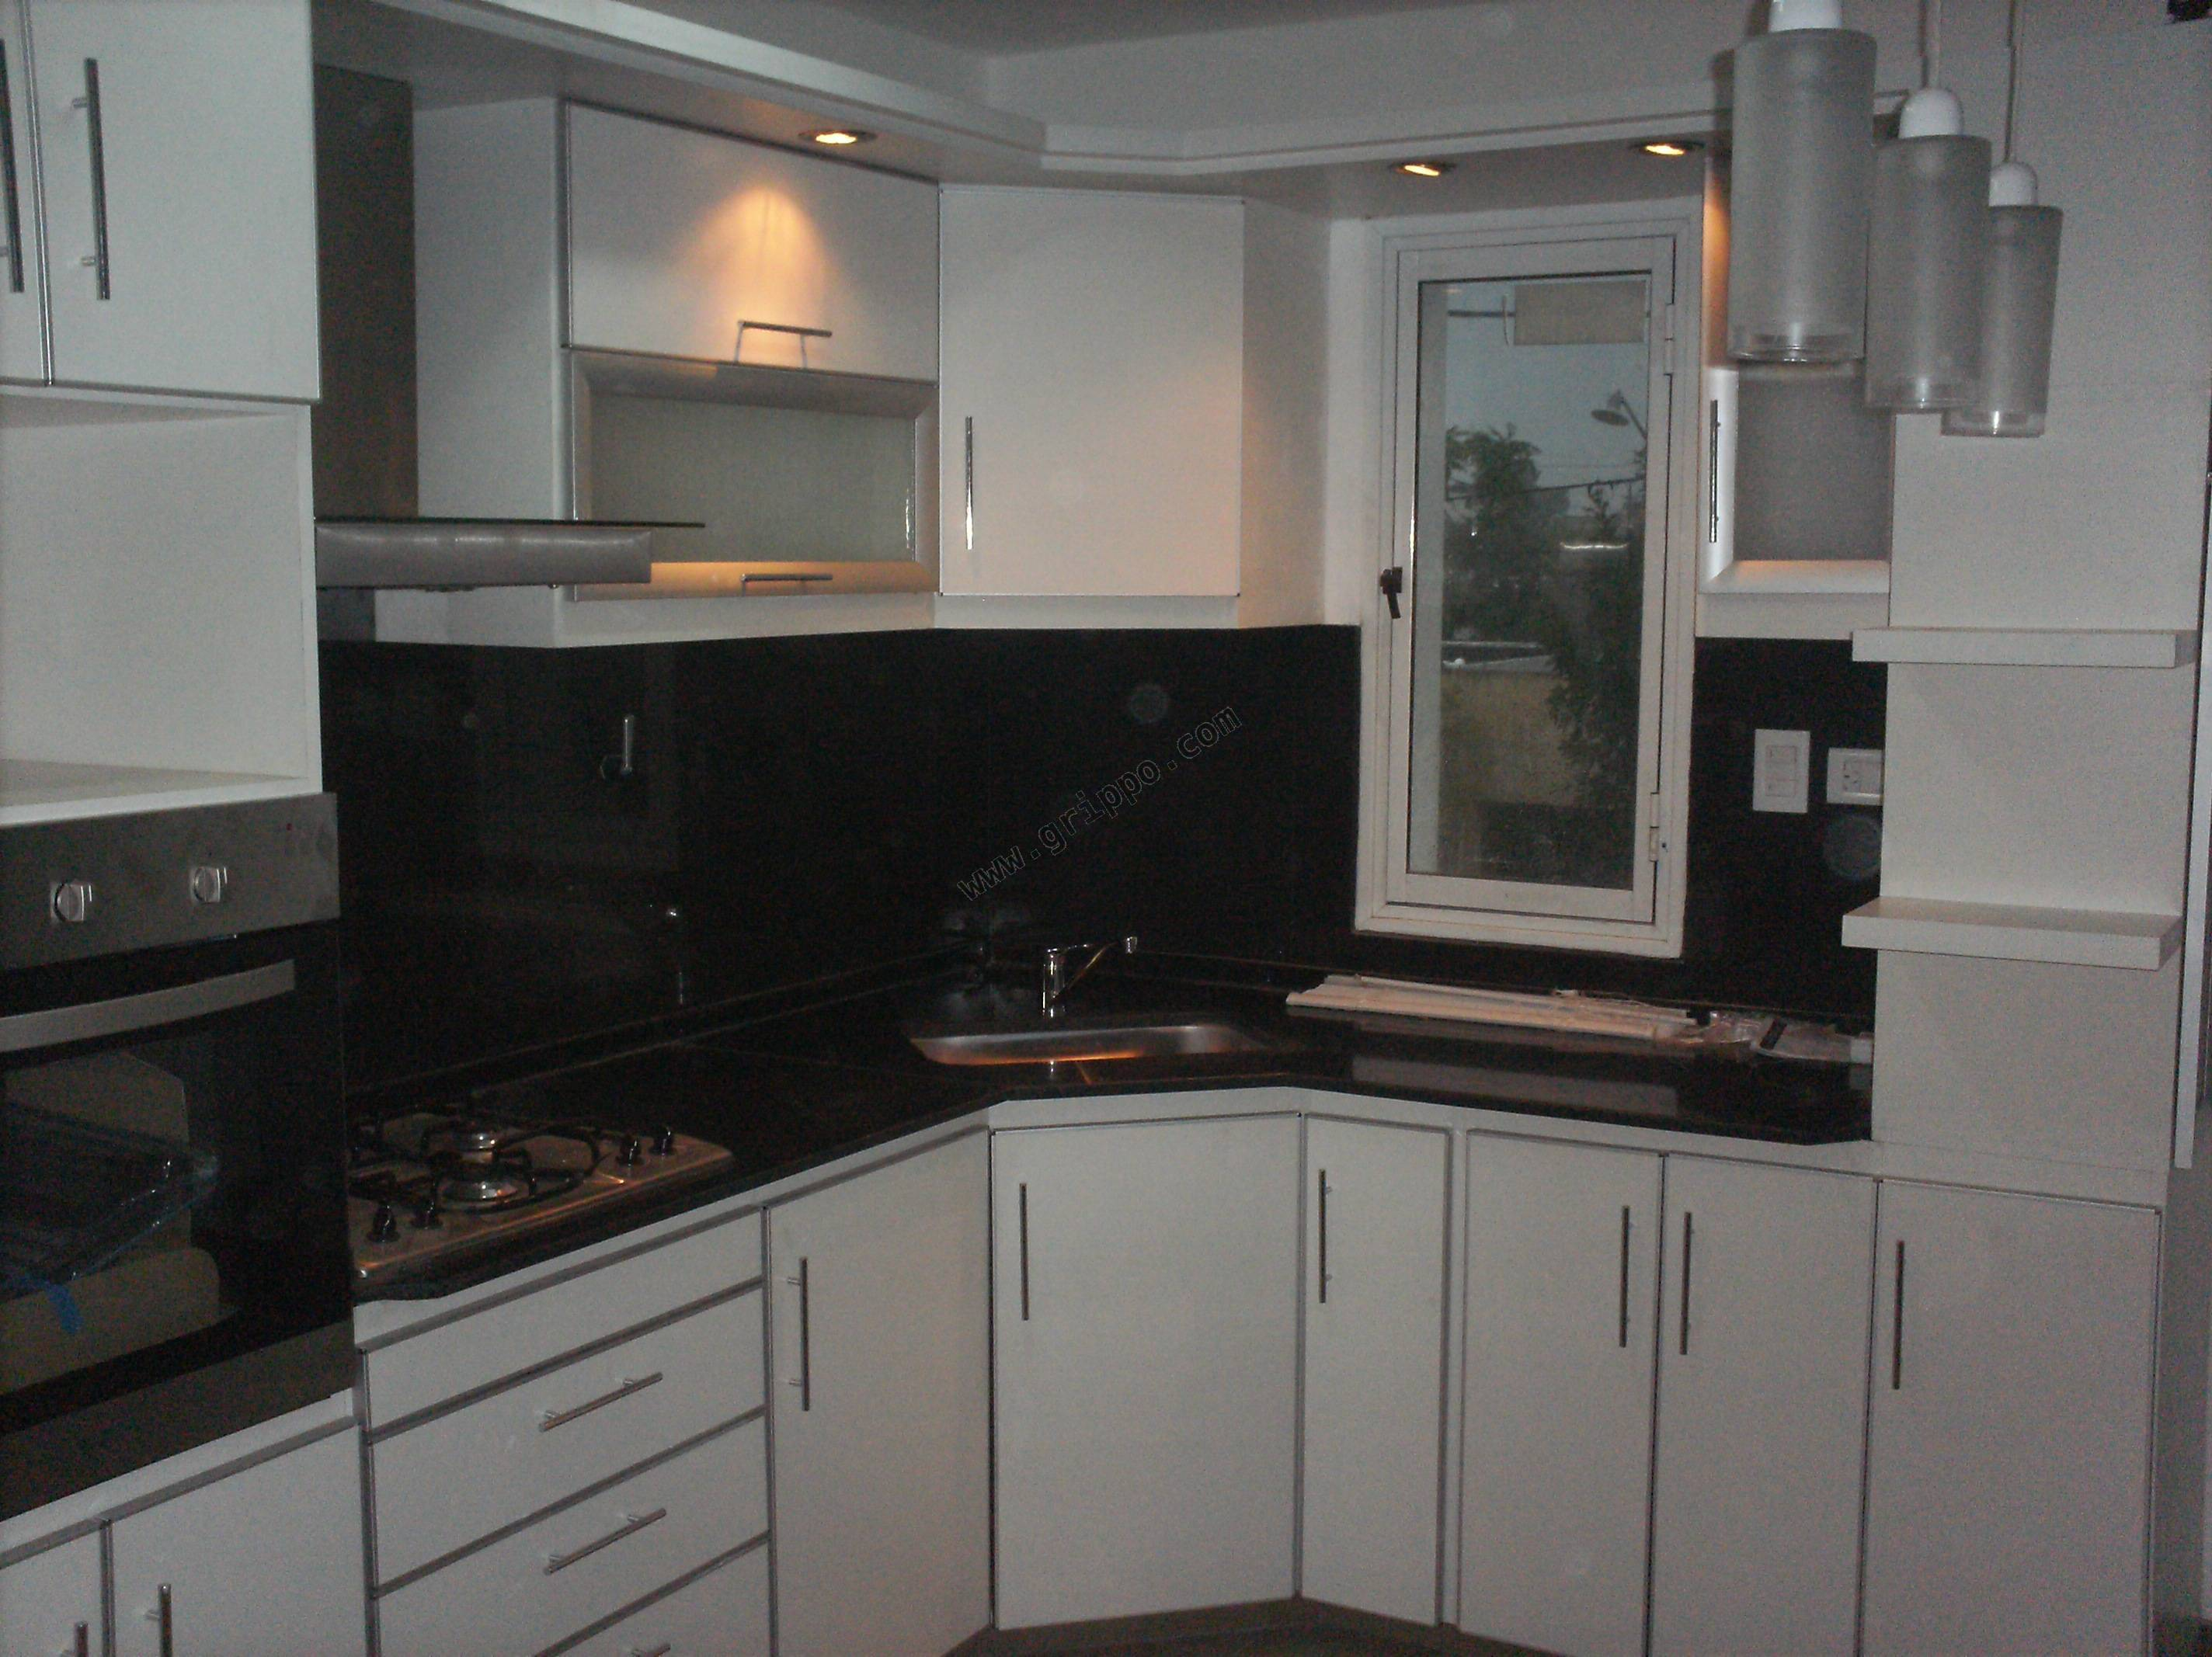 Amoblamientos de cocina muebles de cocina vestidores for Amoblamientos as